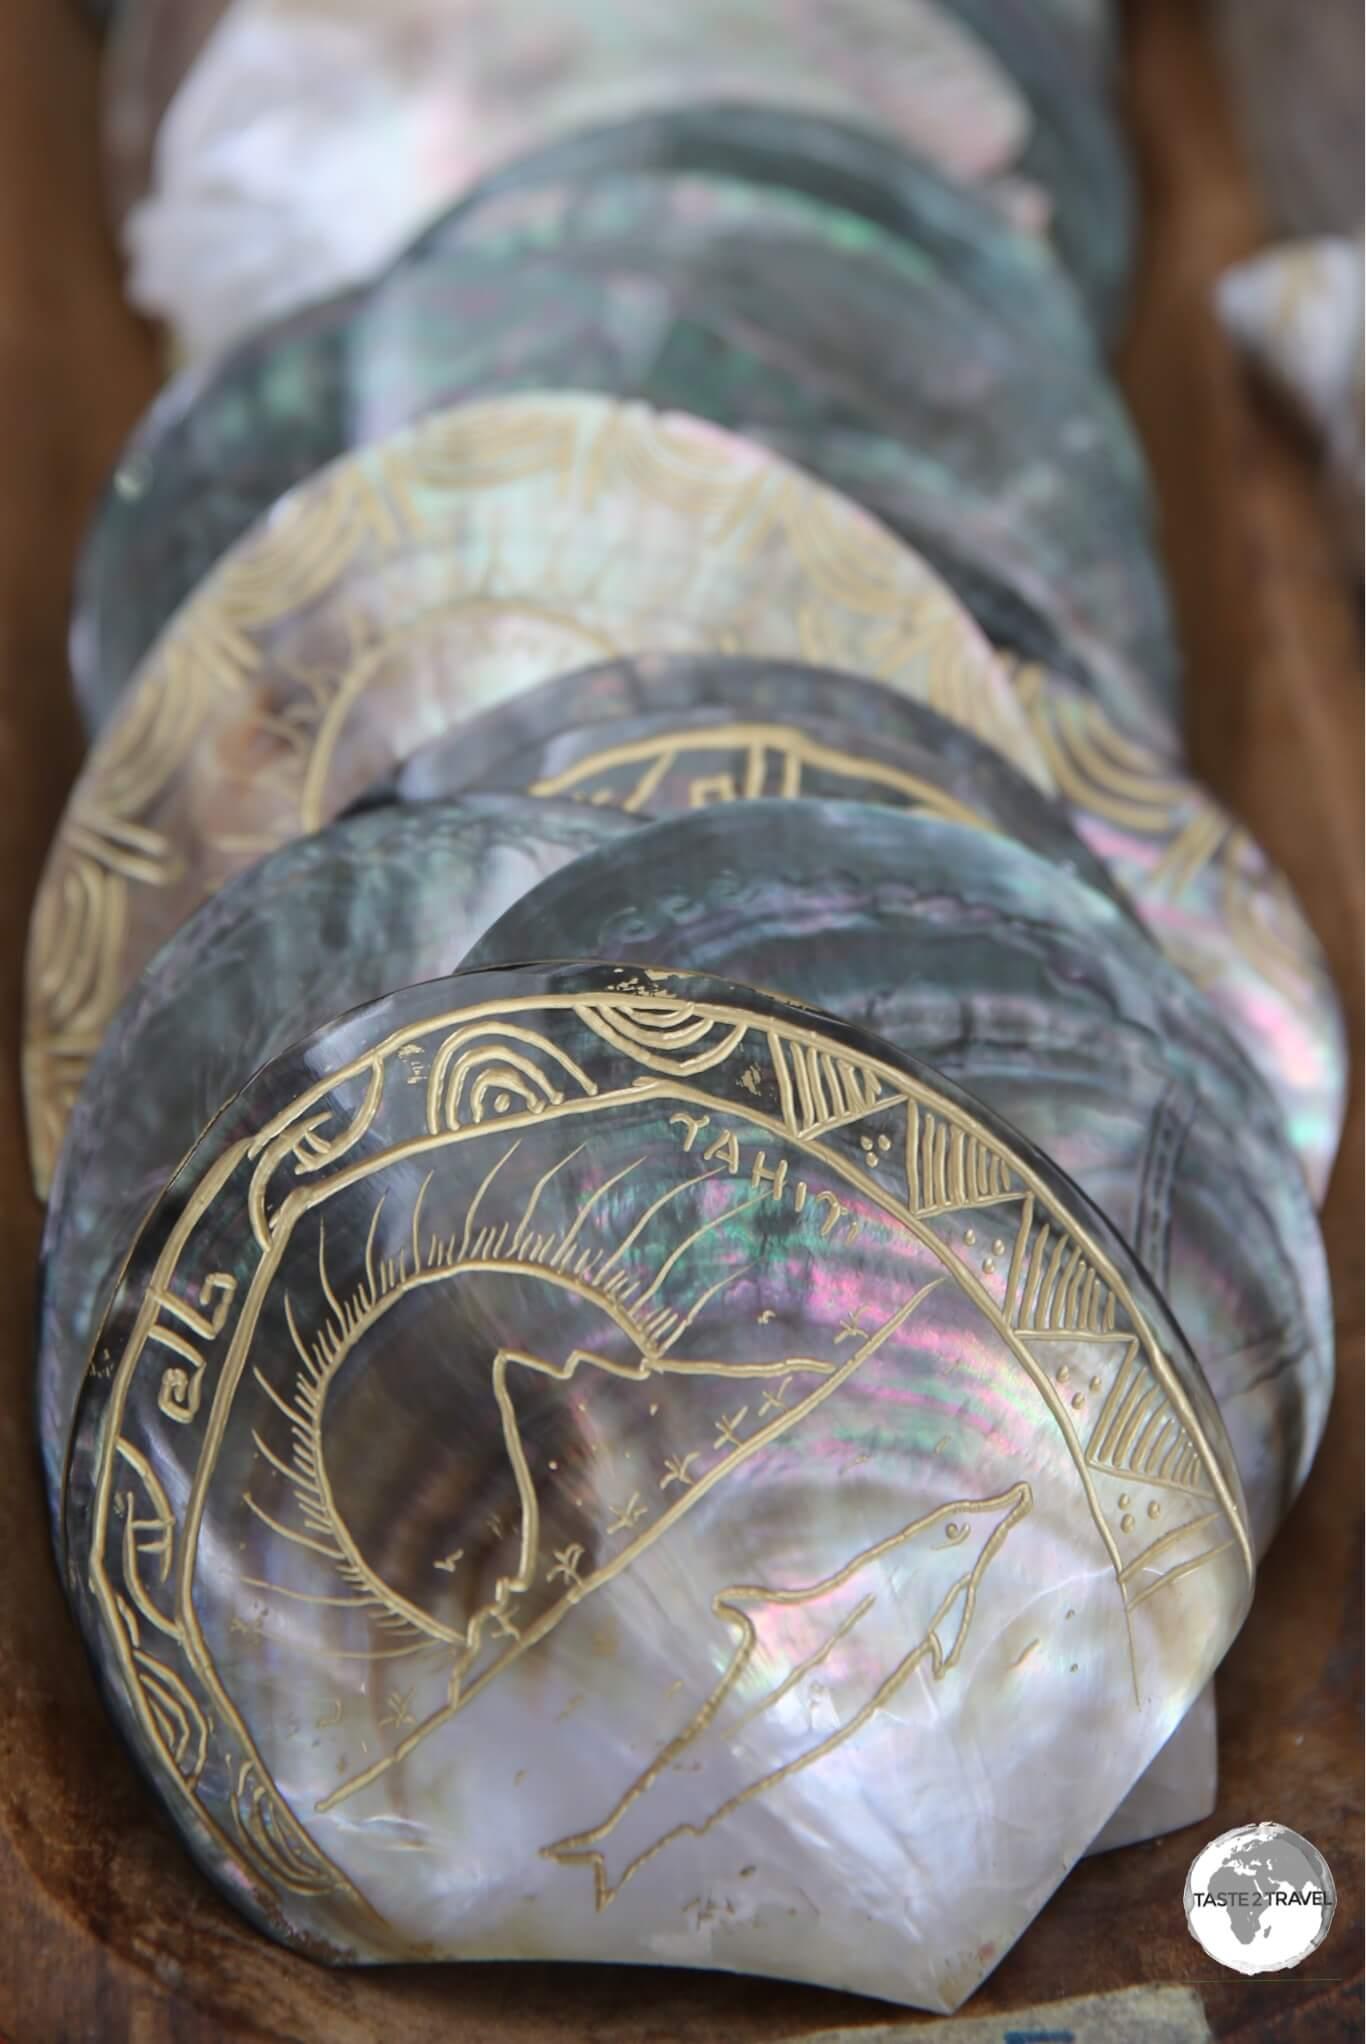 Souvenir shells on sale at Papeete Central Market.